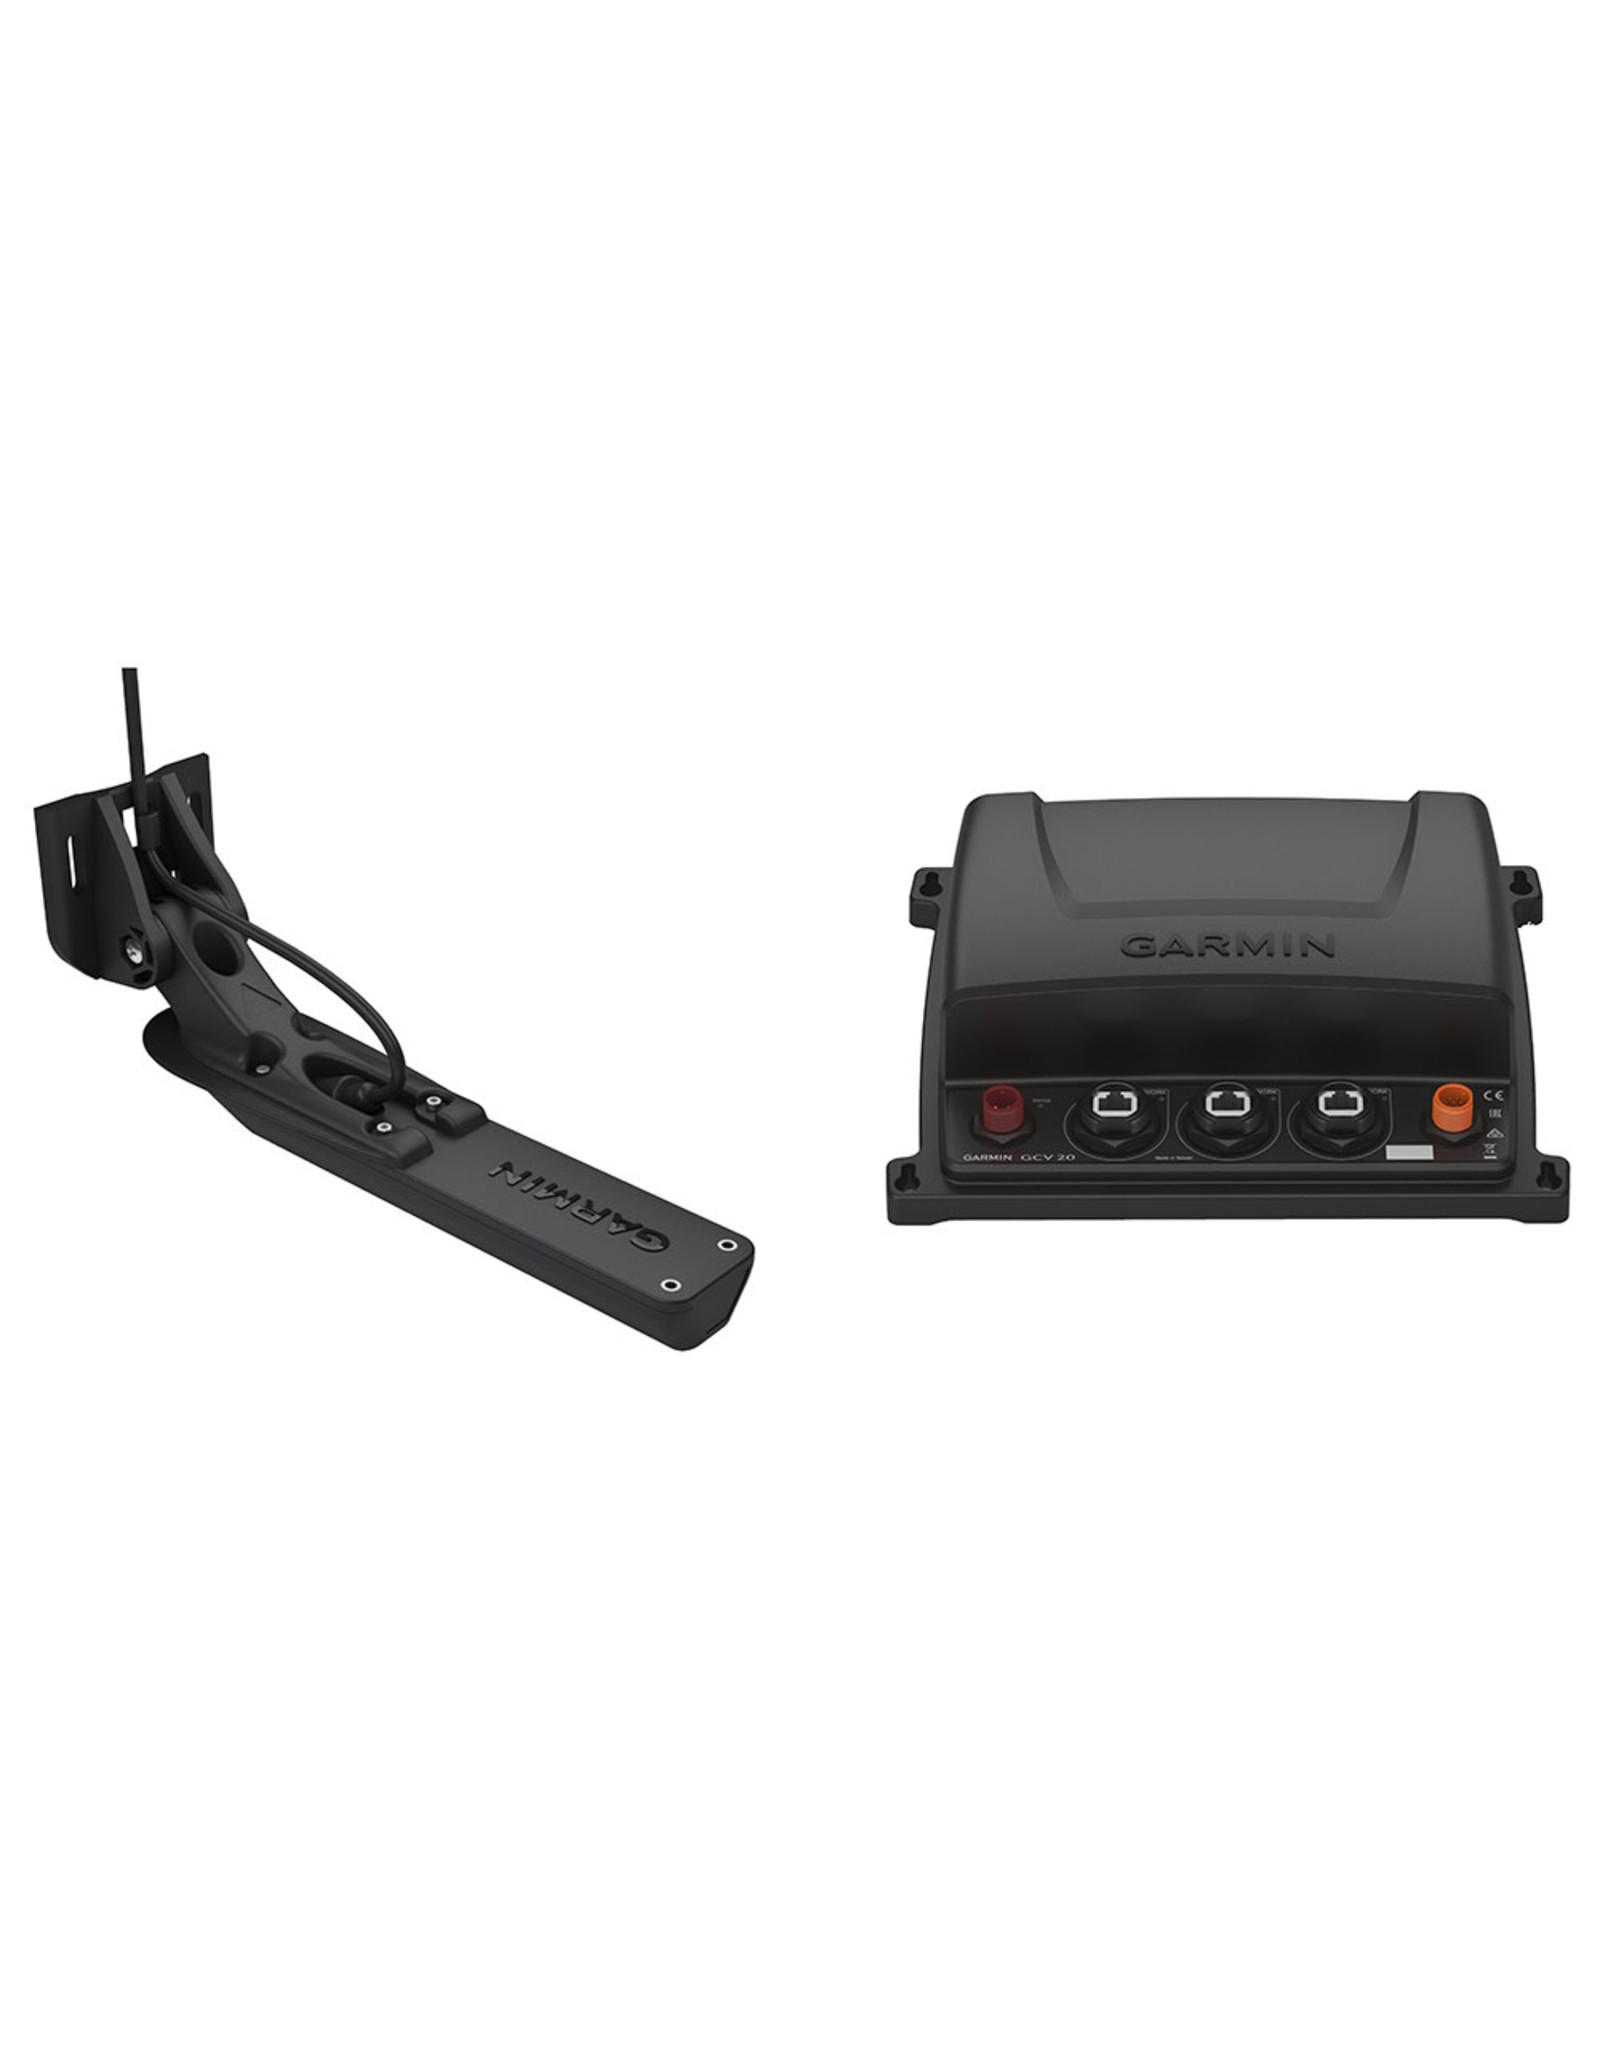 Garmin GCV™ 20 Ultra HD Scanning Sonar Black Box with GT34UHD-TM Ultra HD Transom Mount Transducer